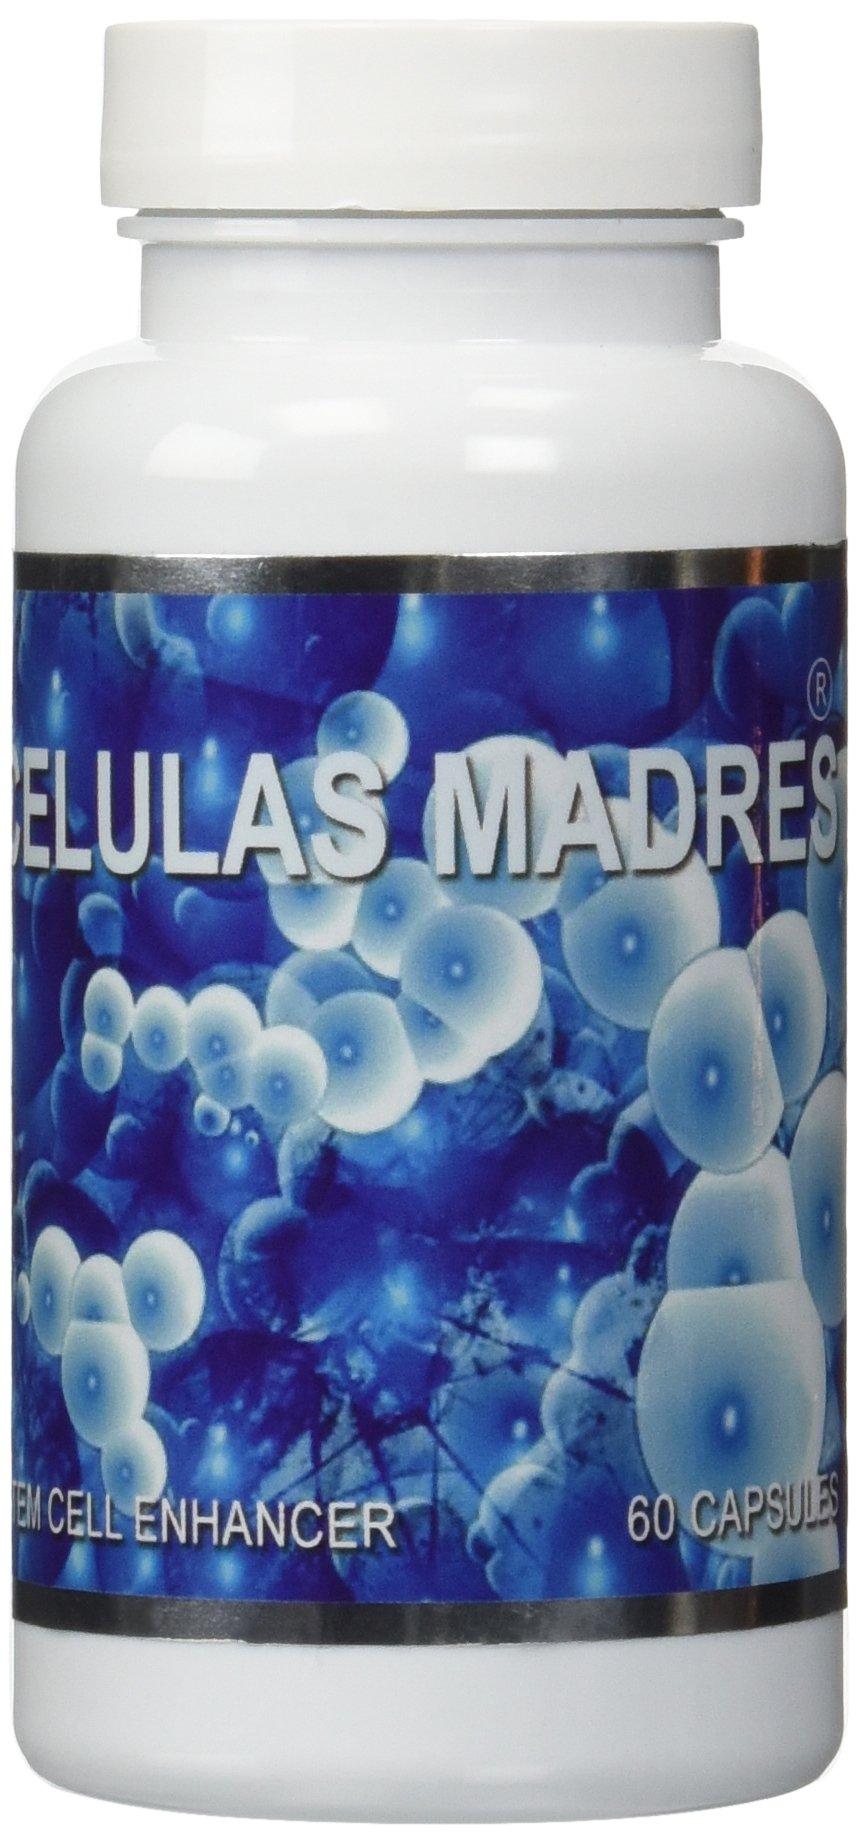 Amazon.com: Celulas Madres Stem Cell Enhancer: Health & Personal Care